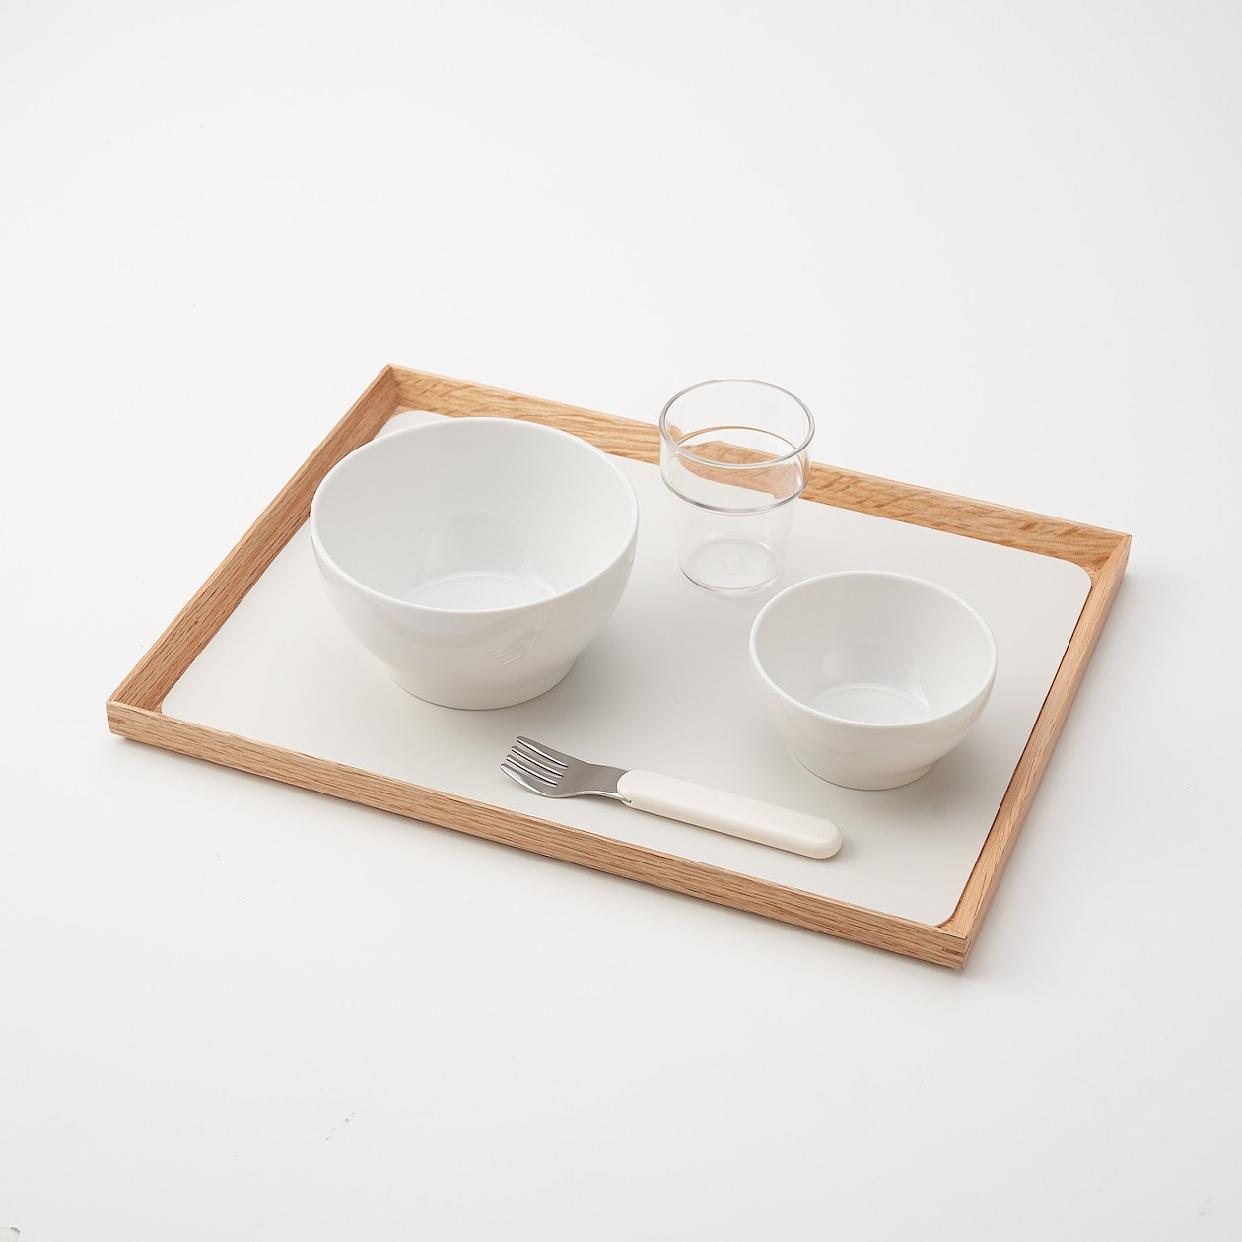 無印良品(MUJI) シリコーンランチョンマット ホワイト 82213461の商品画像4